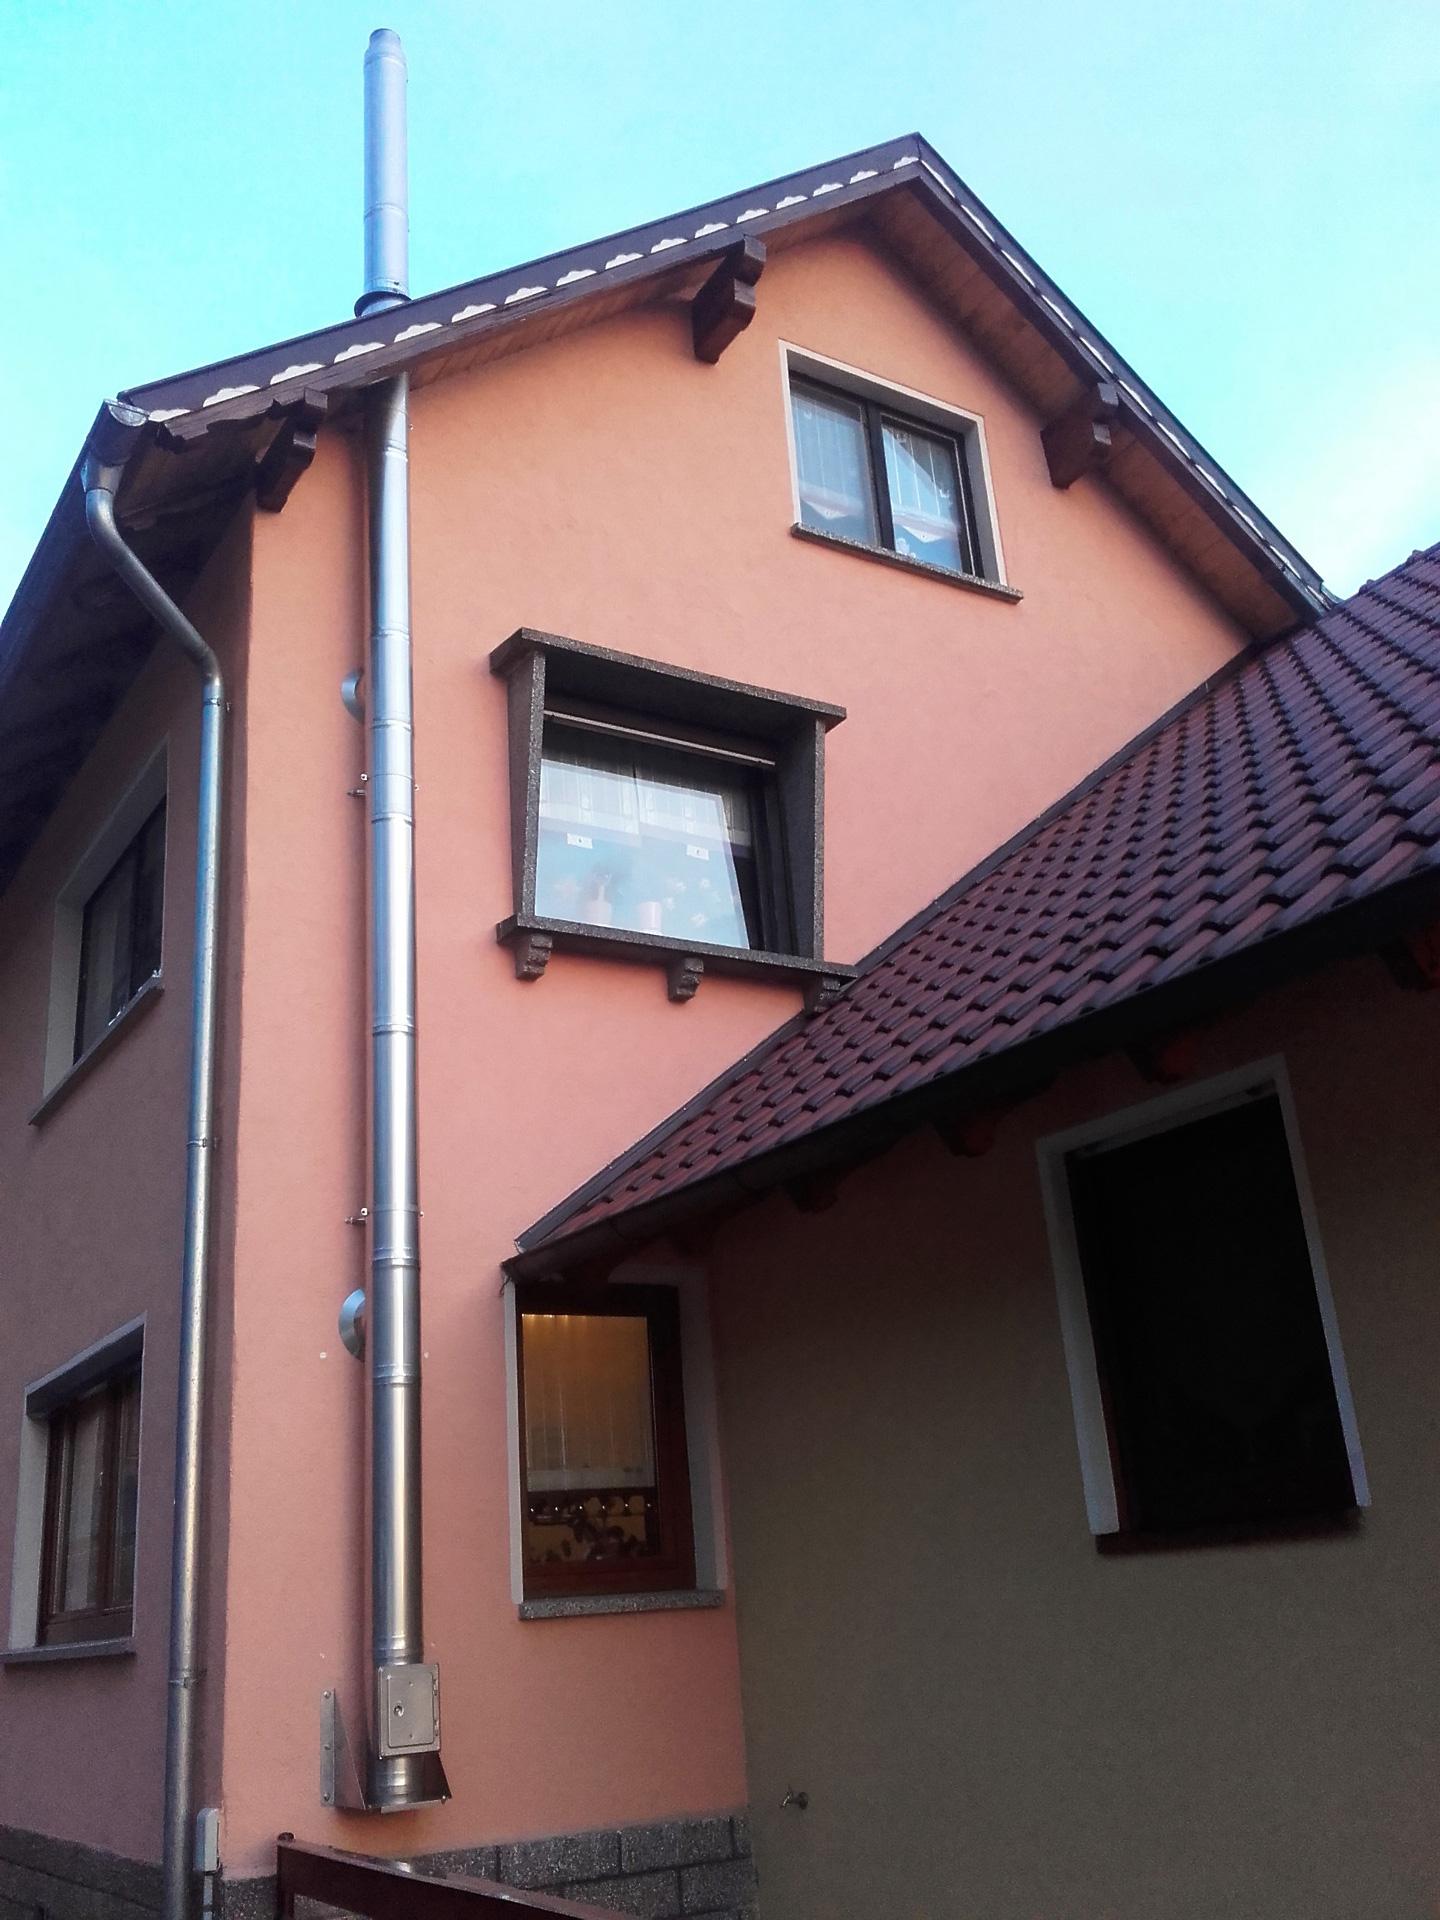 Referenz Schornsteinbau 0100